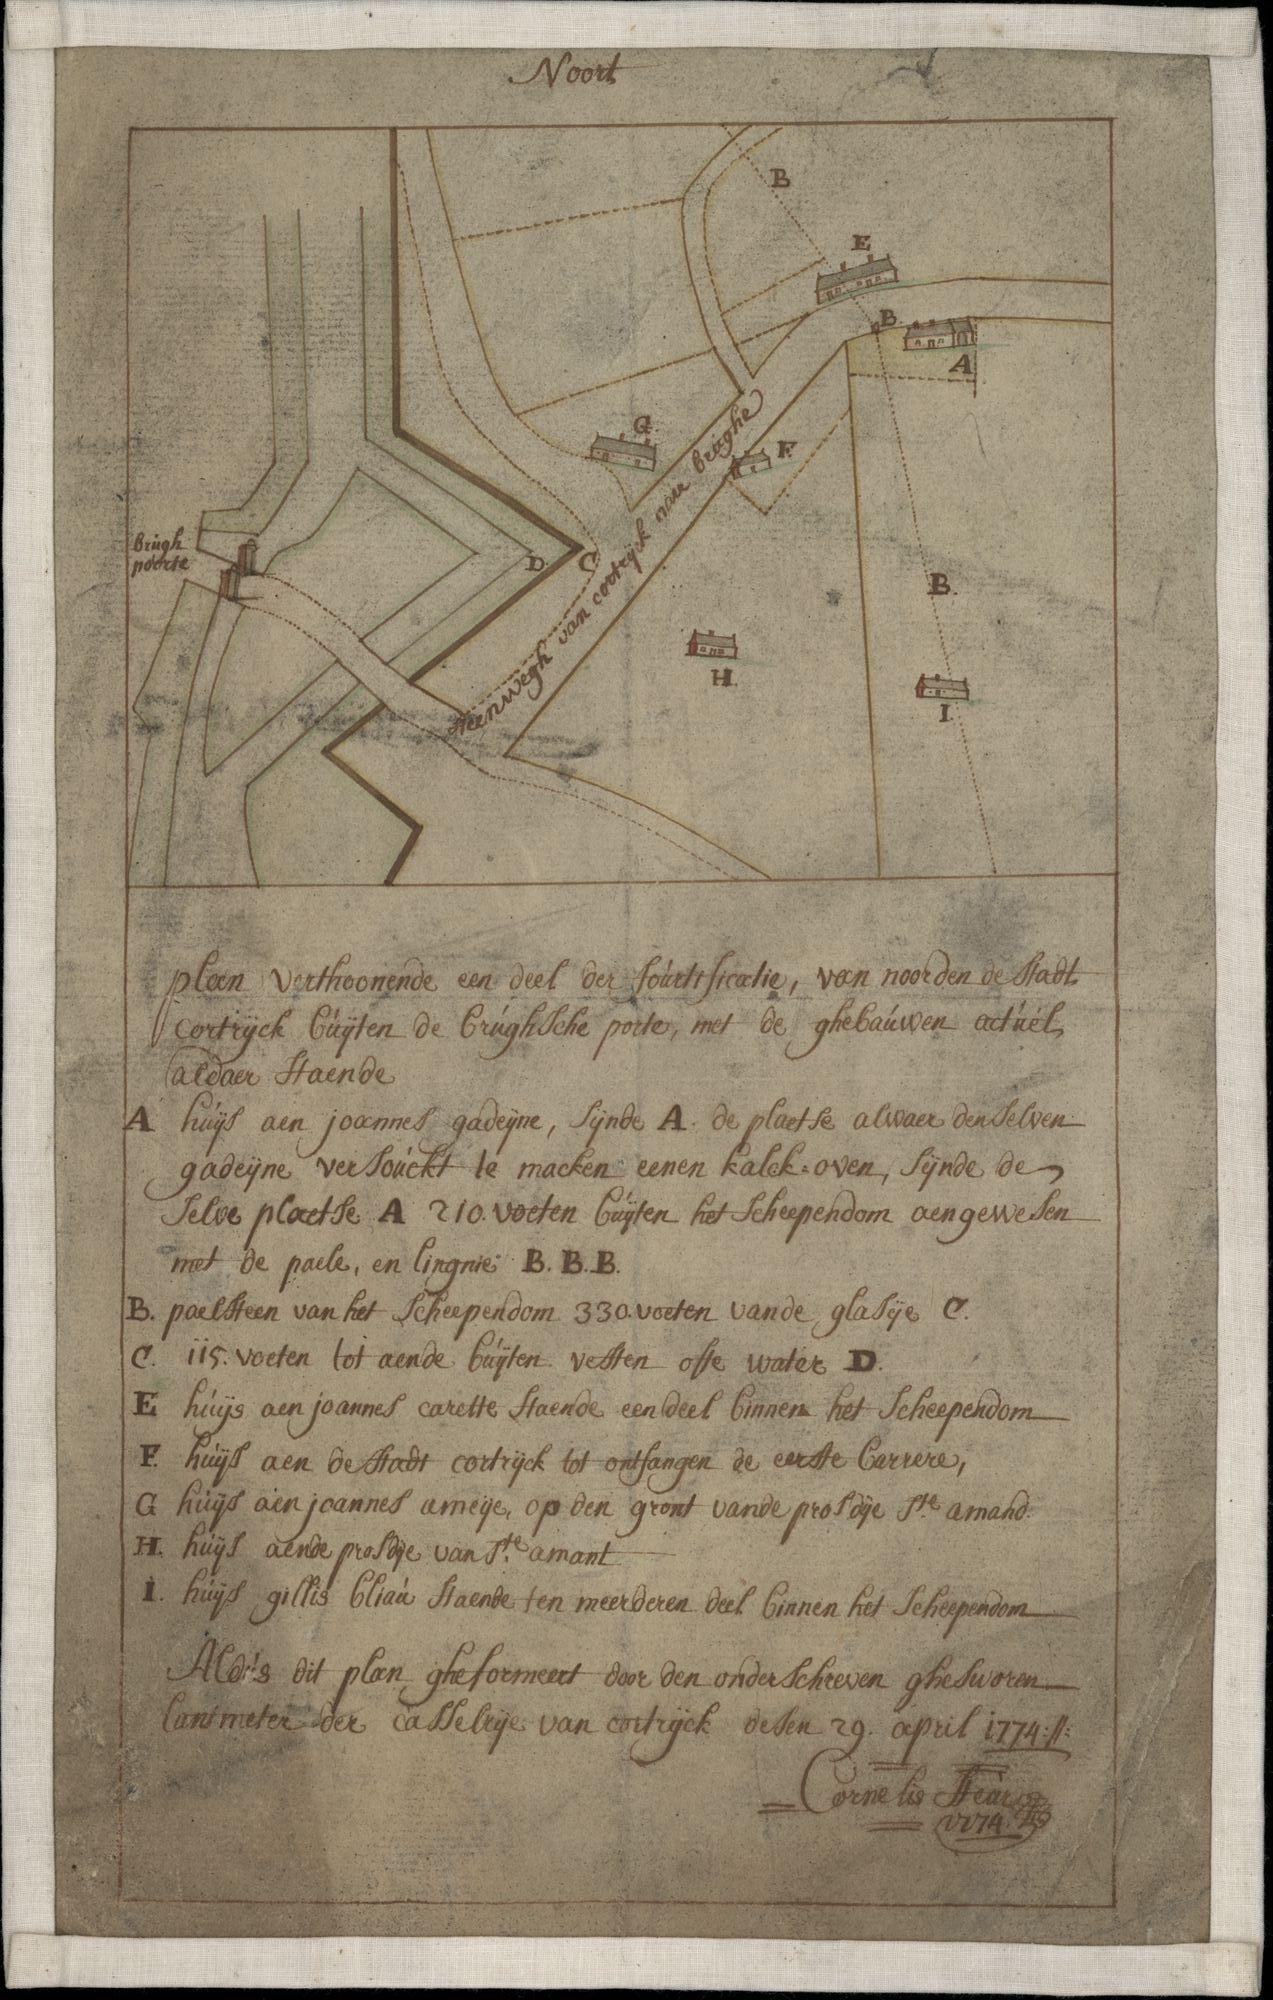 Figuratieve kaart met plattegrond van de Brugsepoort met aanpalende grachten en straten te Kortrijk-buiten, opgemaakt door J.B. Casaer, 1810